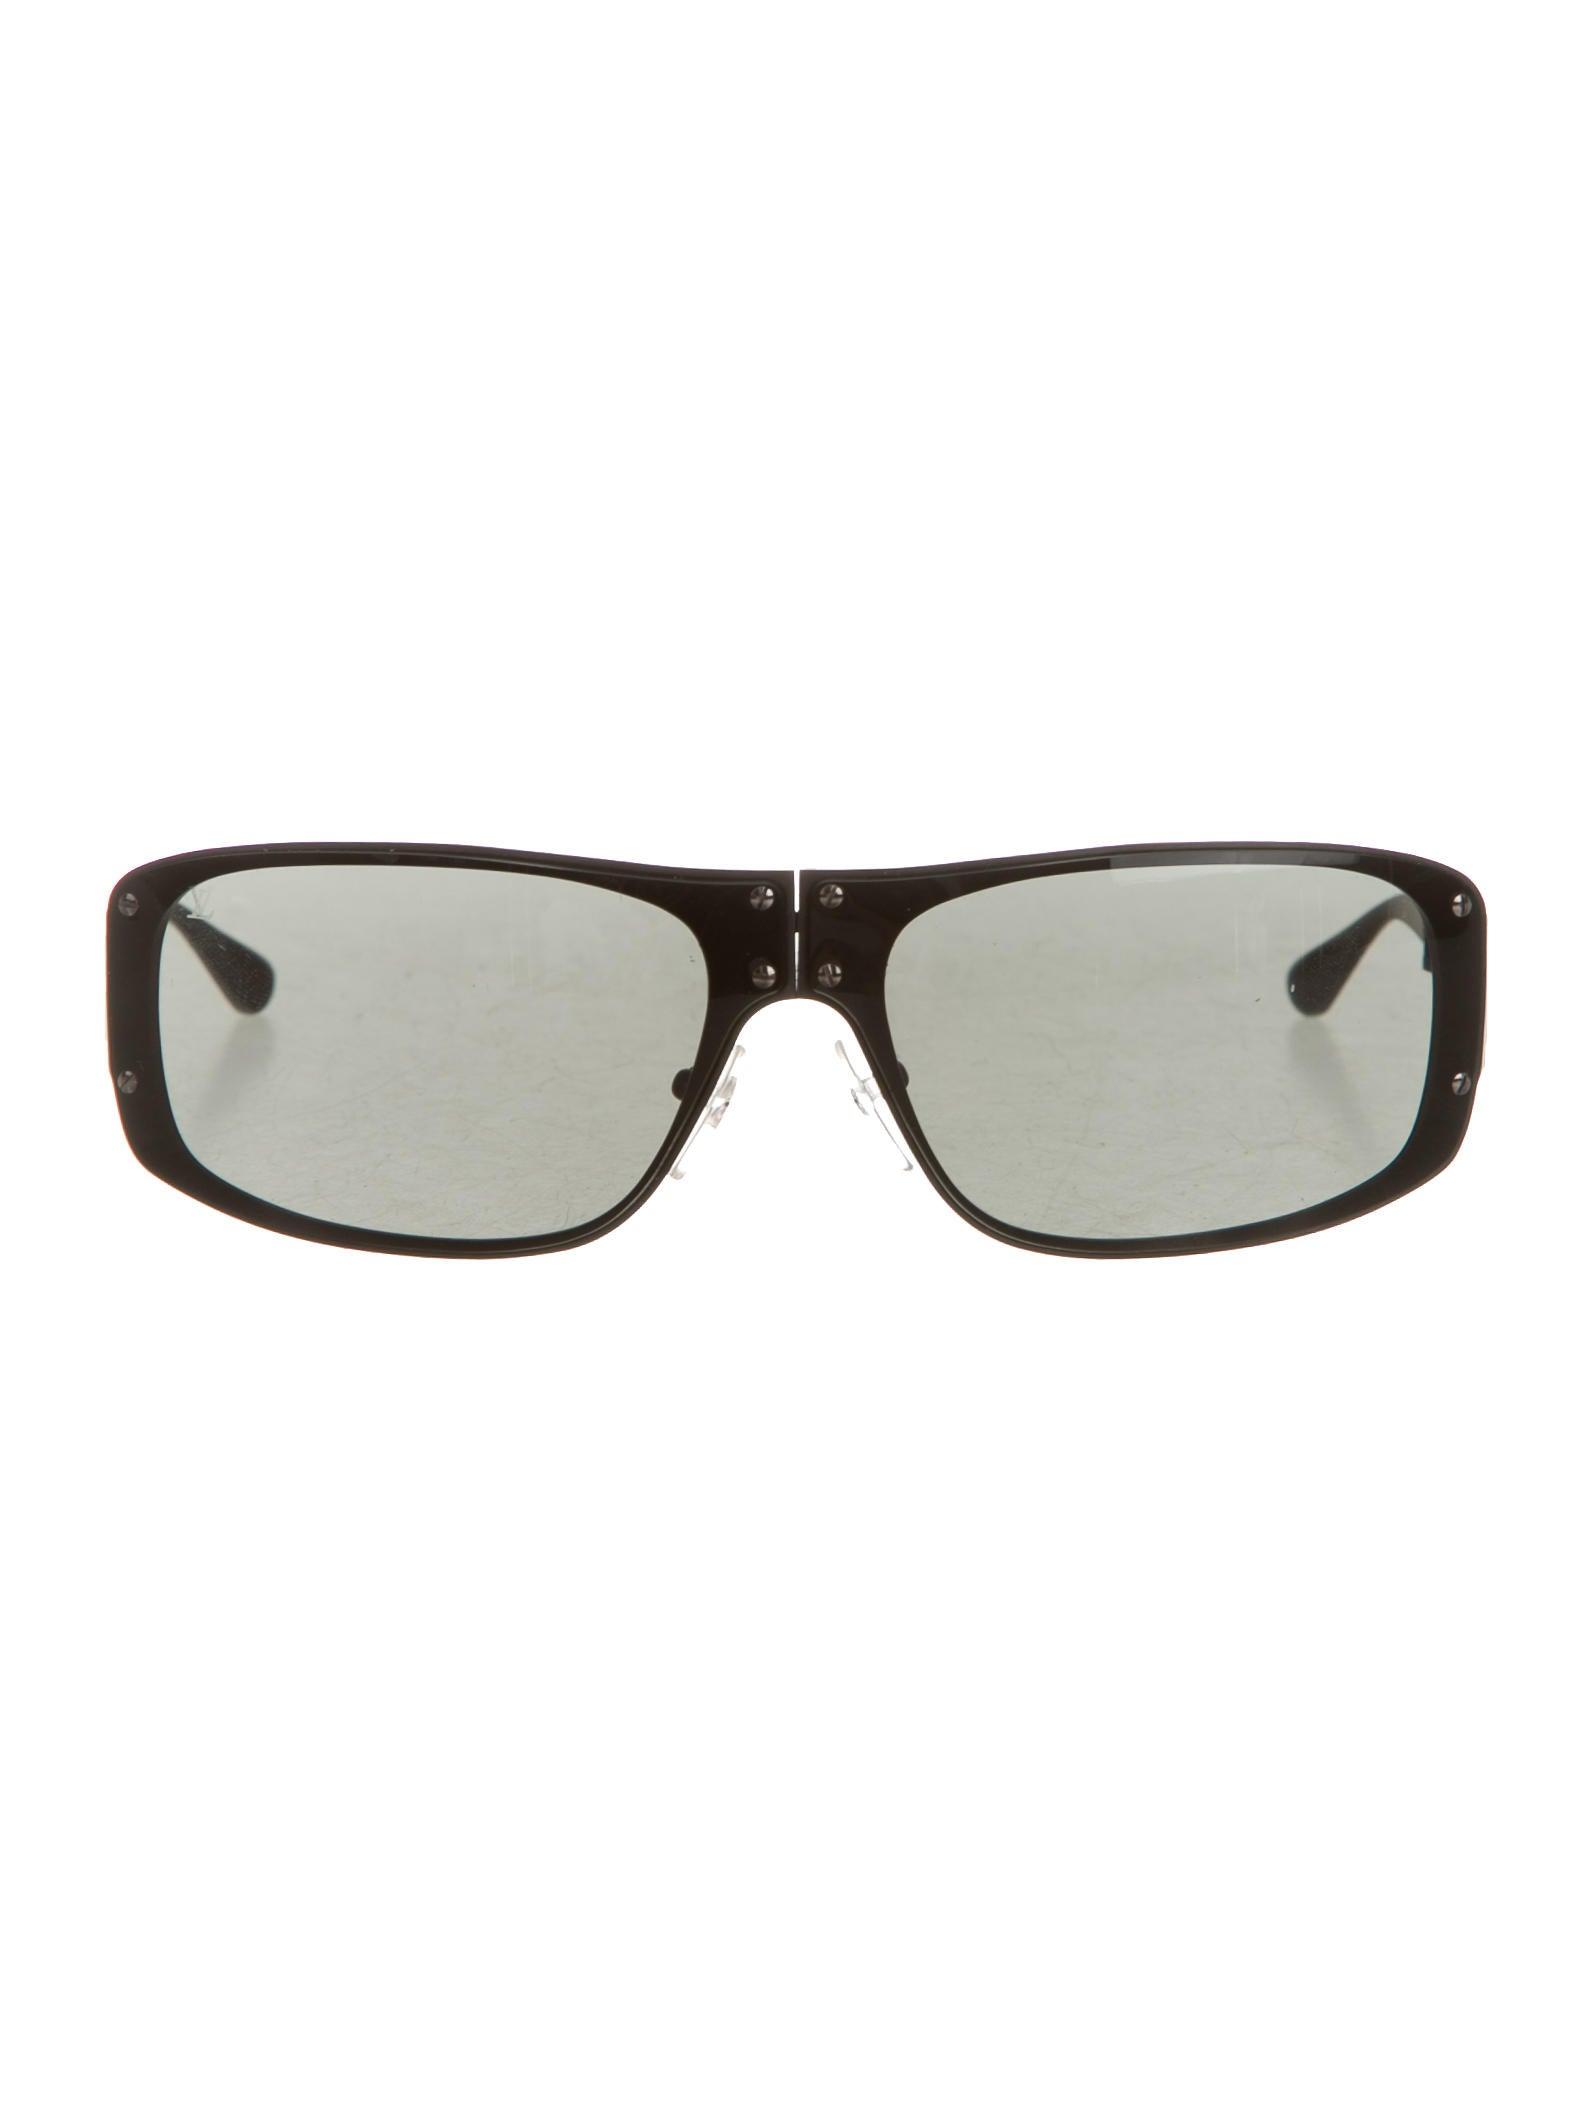 58de1c4fdadd Louis Vuitton Folding Evasion Sunglasses - Accessories - LOU86220 ...